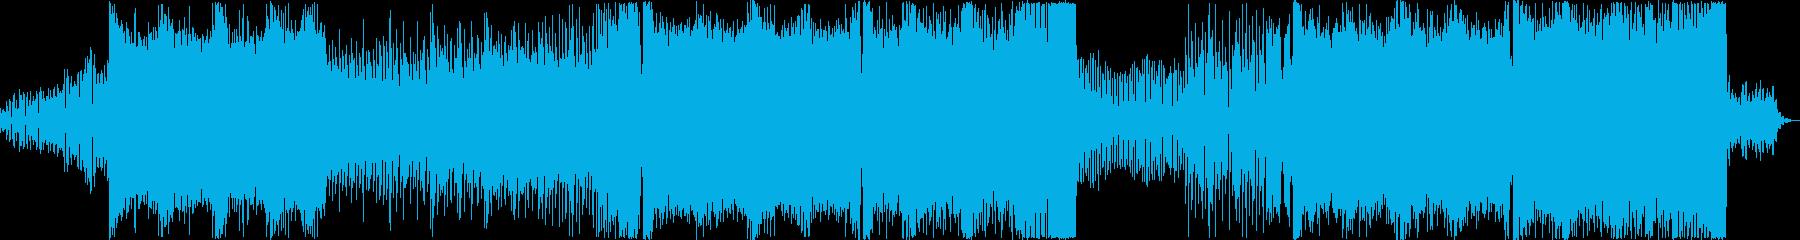 激しくて盛り上がるフロア仕様のEDMの再生済みの波形